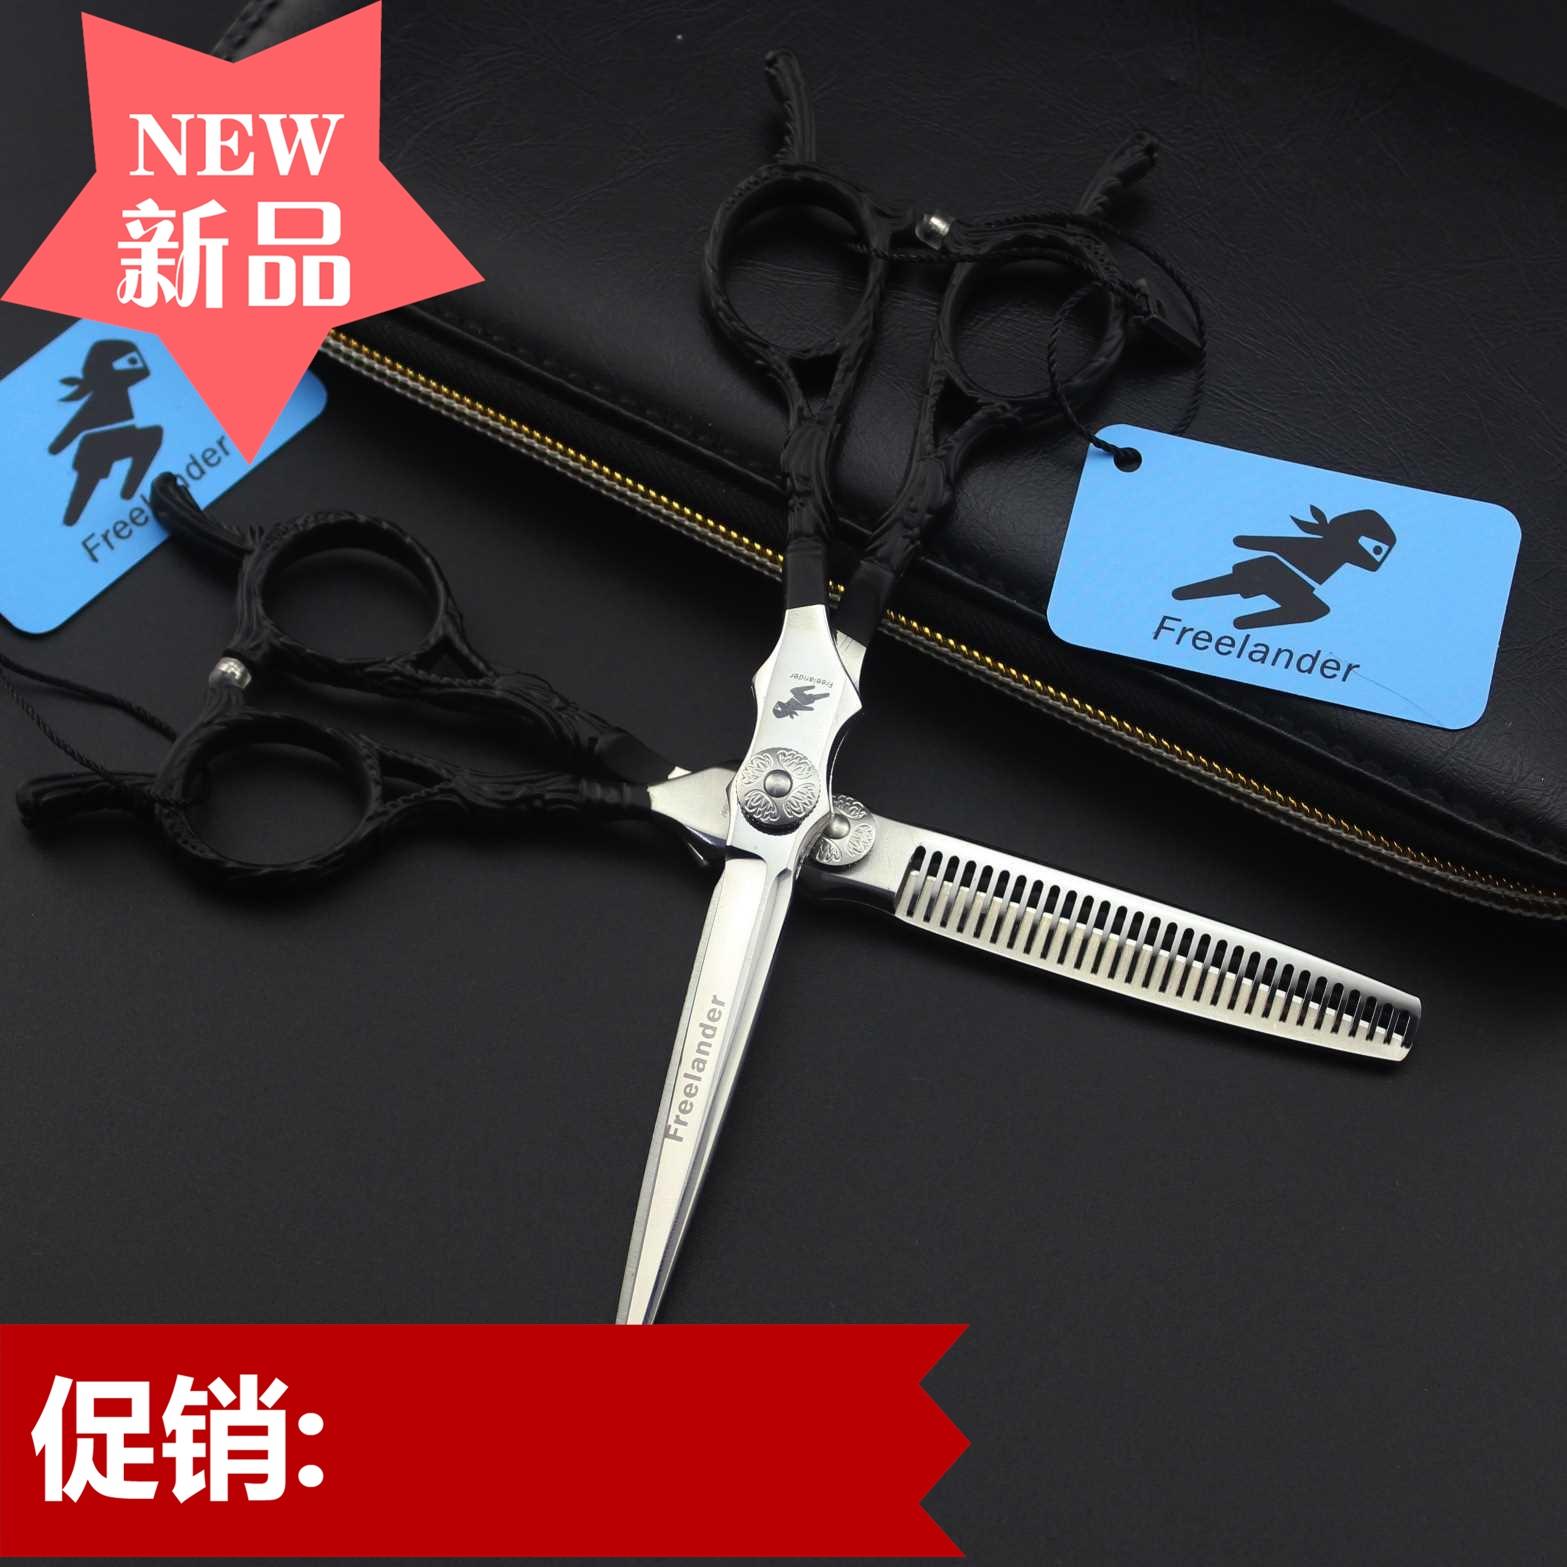 6.0寸半身 黑色柄  美发剪刀 理发剪 平剪 刘海剪 牙剪 打薄